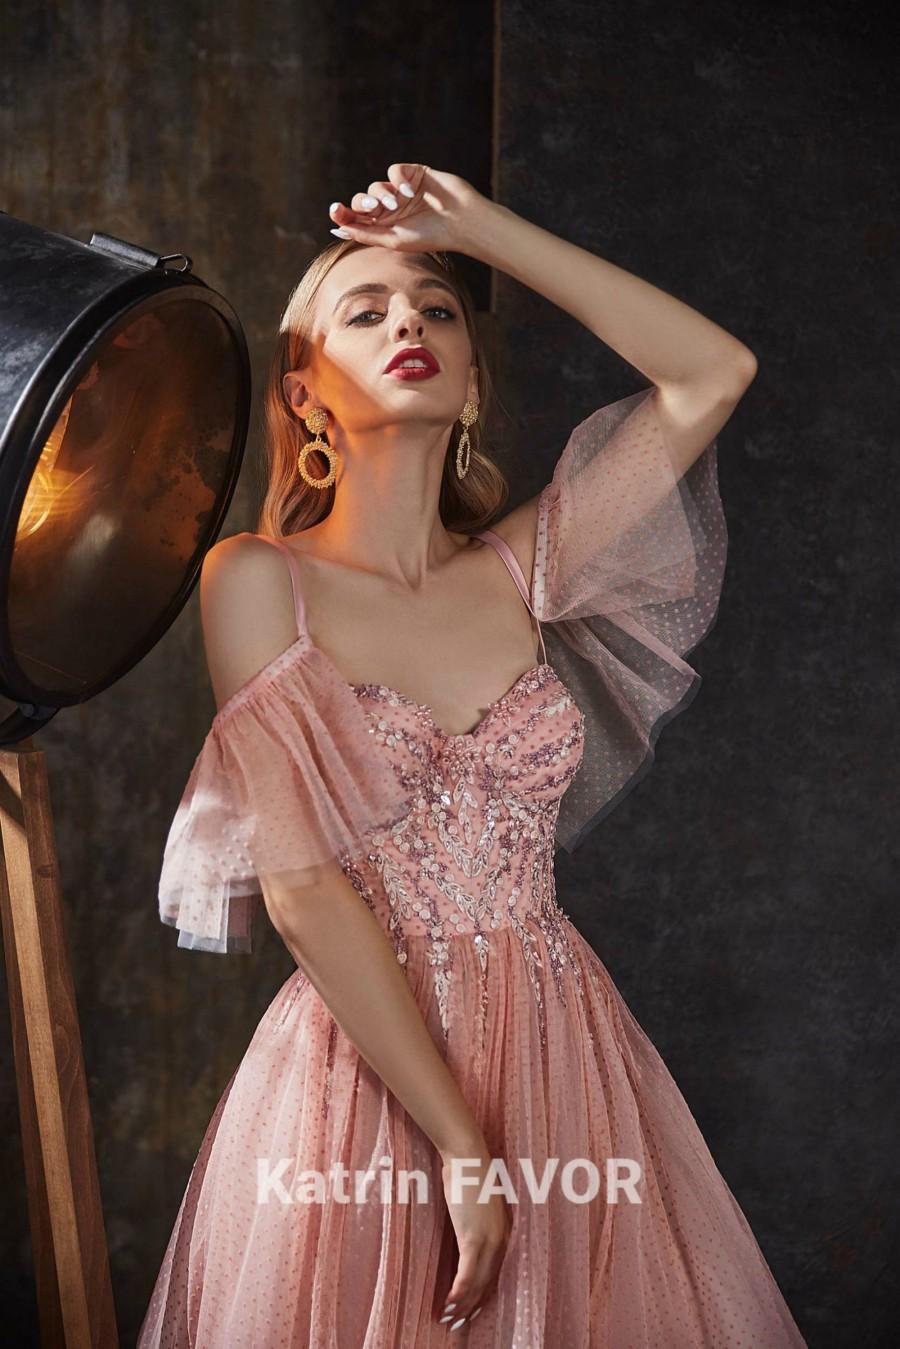 زفاف - Blush Dress Prom Dress Long Tulle Dress Women Embroidered Dress Beaded Dress Evening Gown Formal Dress Alternative Wedding Dress Bohemian